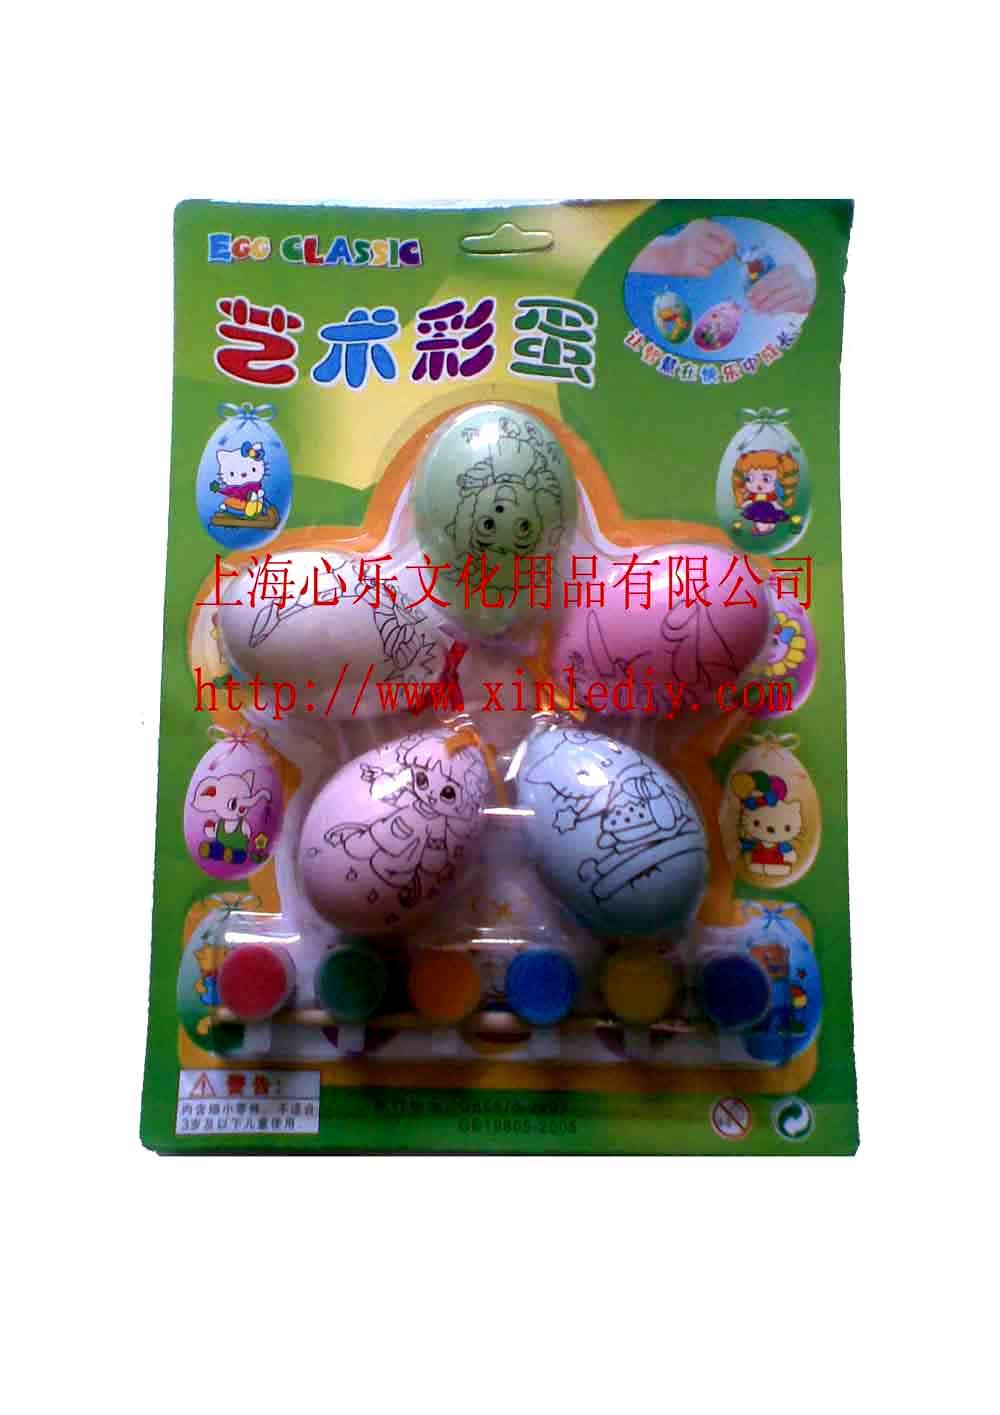 喜洋洋艺术彩蛋,PVC彩蛋